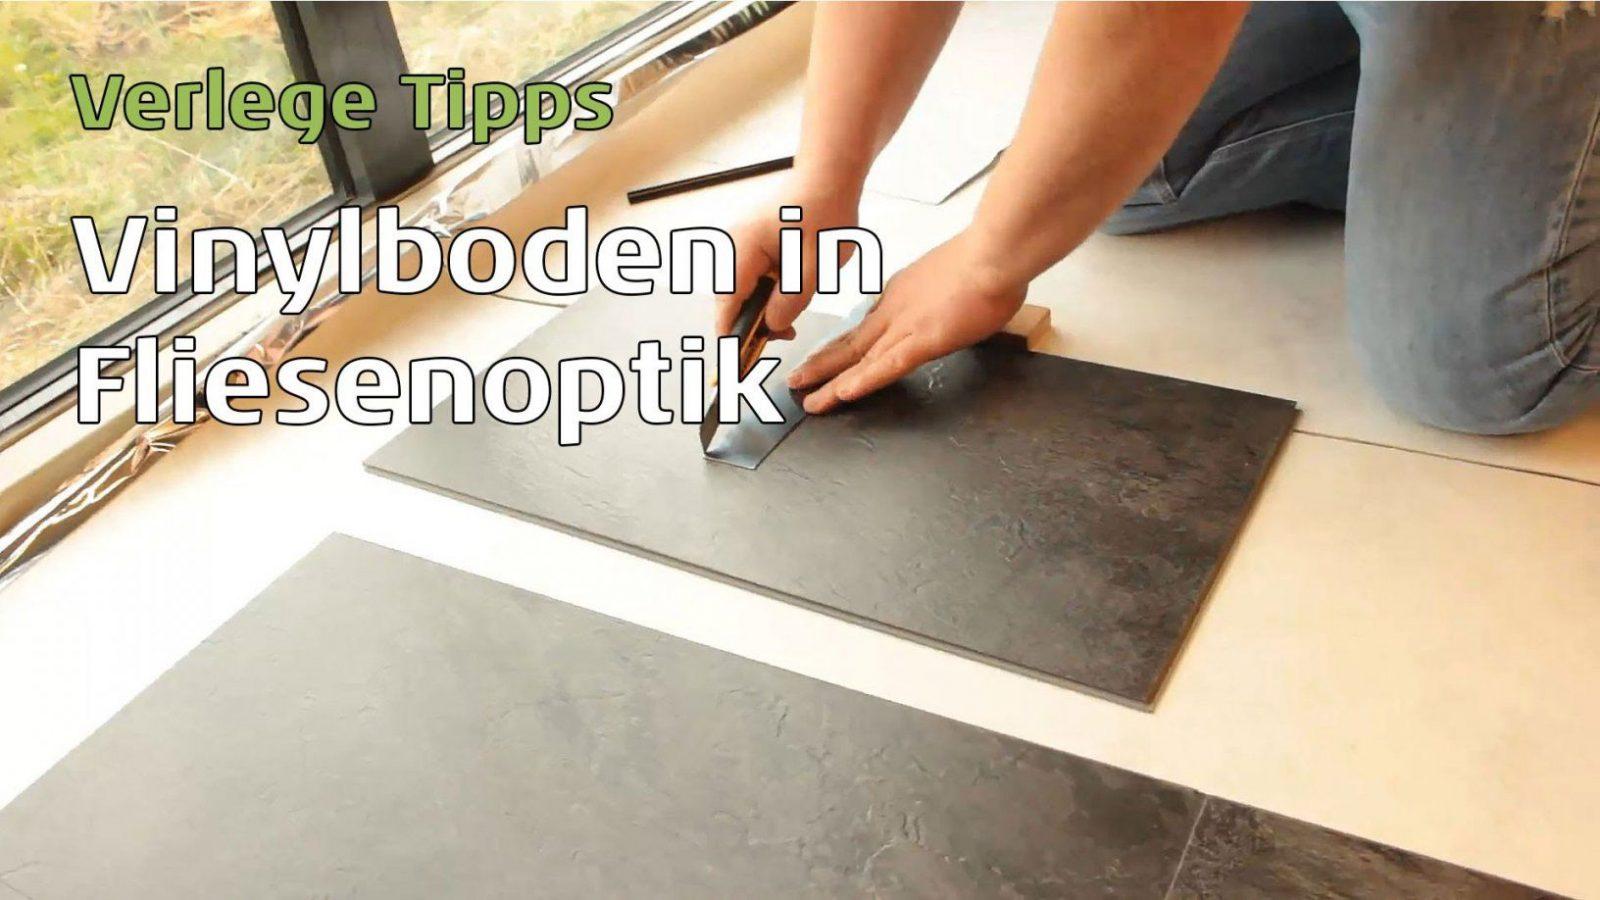 Vinylboden In Fliesenoptik Verlegen Parkett Wohnwelt Erklärt Wie Es von Vinylboden Auf Fliesen Mit Fussbodenheizung Verlegen Bild